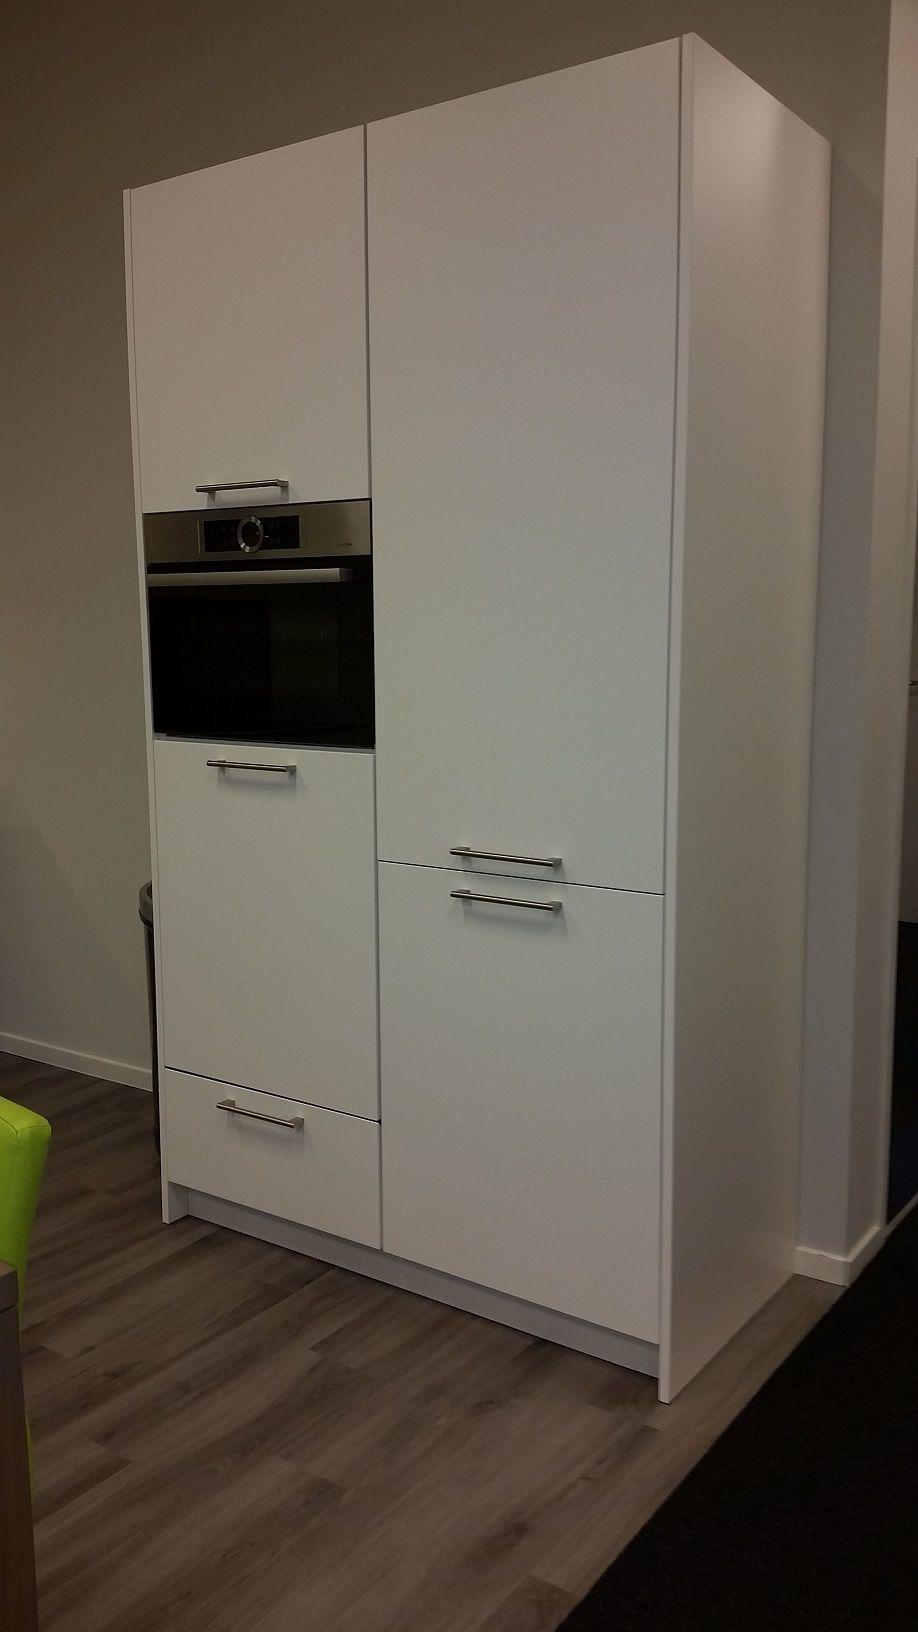 Zwevende Keuken Vaatwasser : Nederland keukens voor zeer lage keuken prijzen Bari mat lak [54698